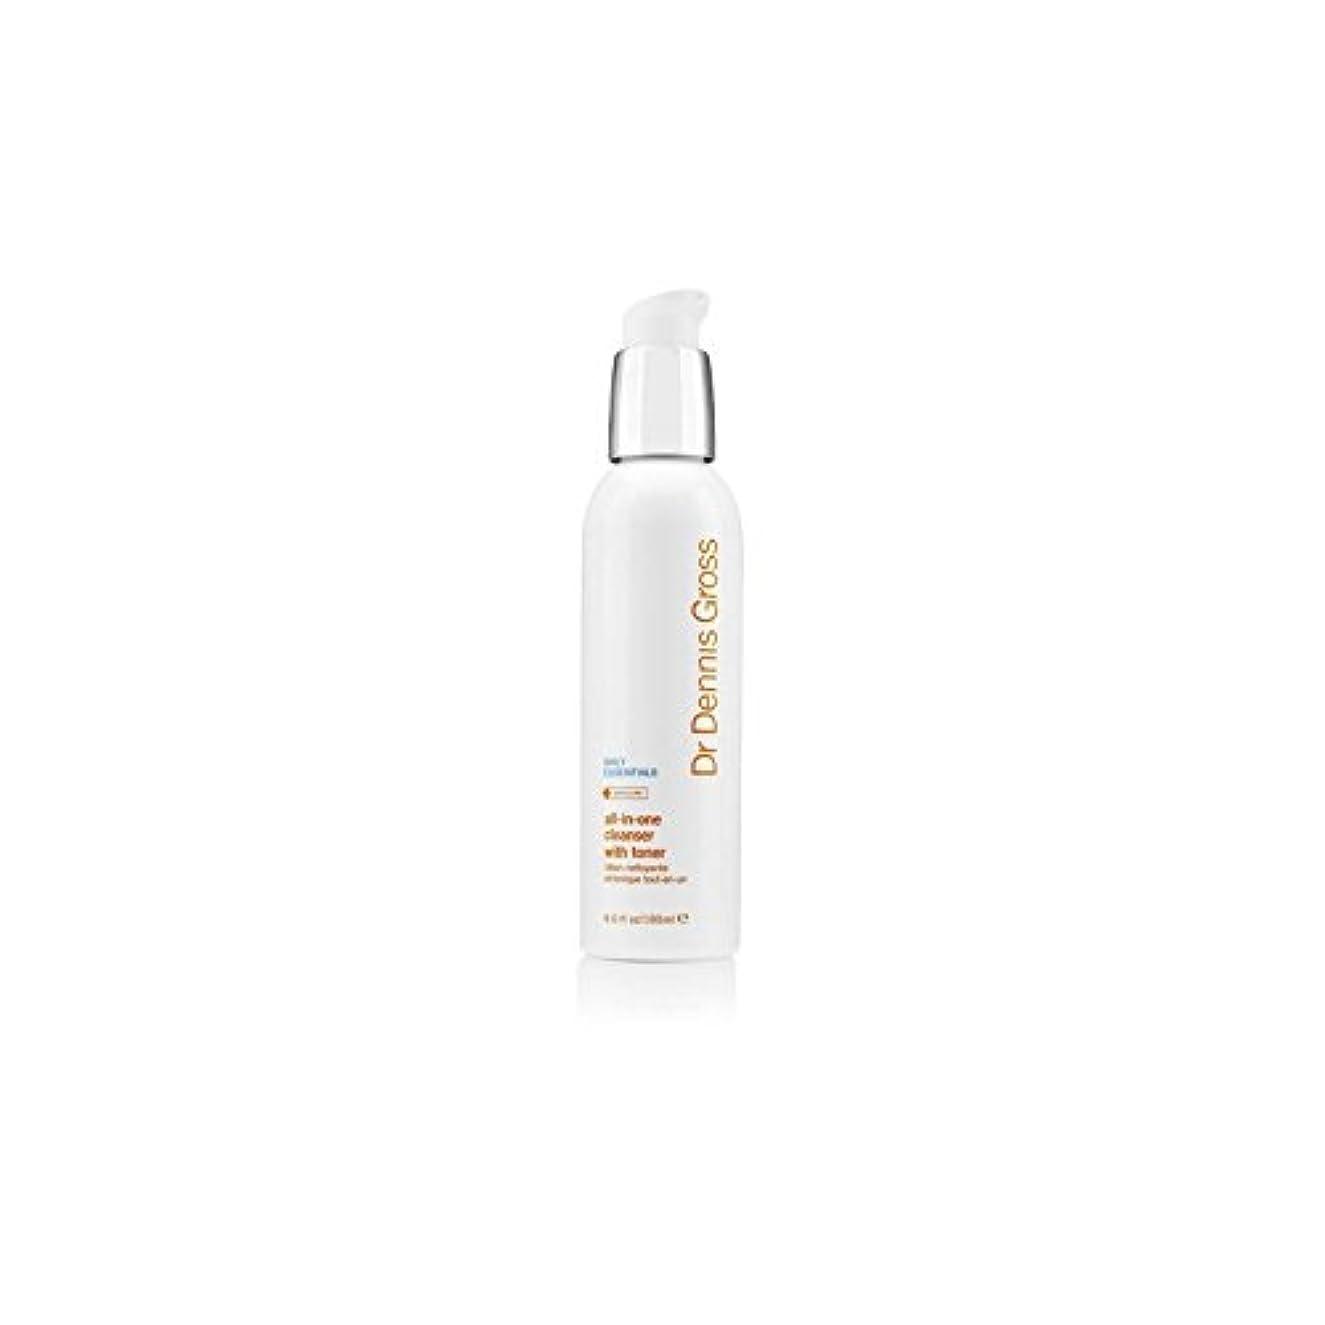 前書き膜インディカデニスグロスオールインワントナー(180ミリリットル)とフェイシャルクレンザー x4 - Dr Dennis Gross All-In-One Facial Cleanser With Toner (180ml) (Pack...